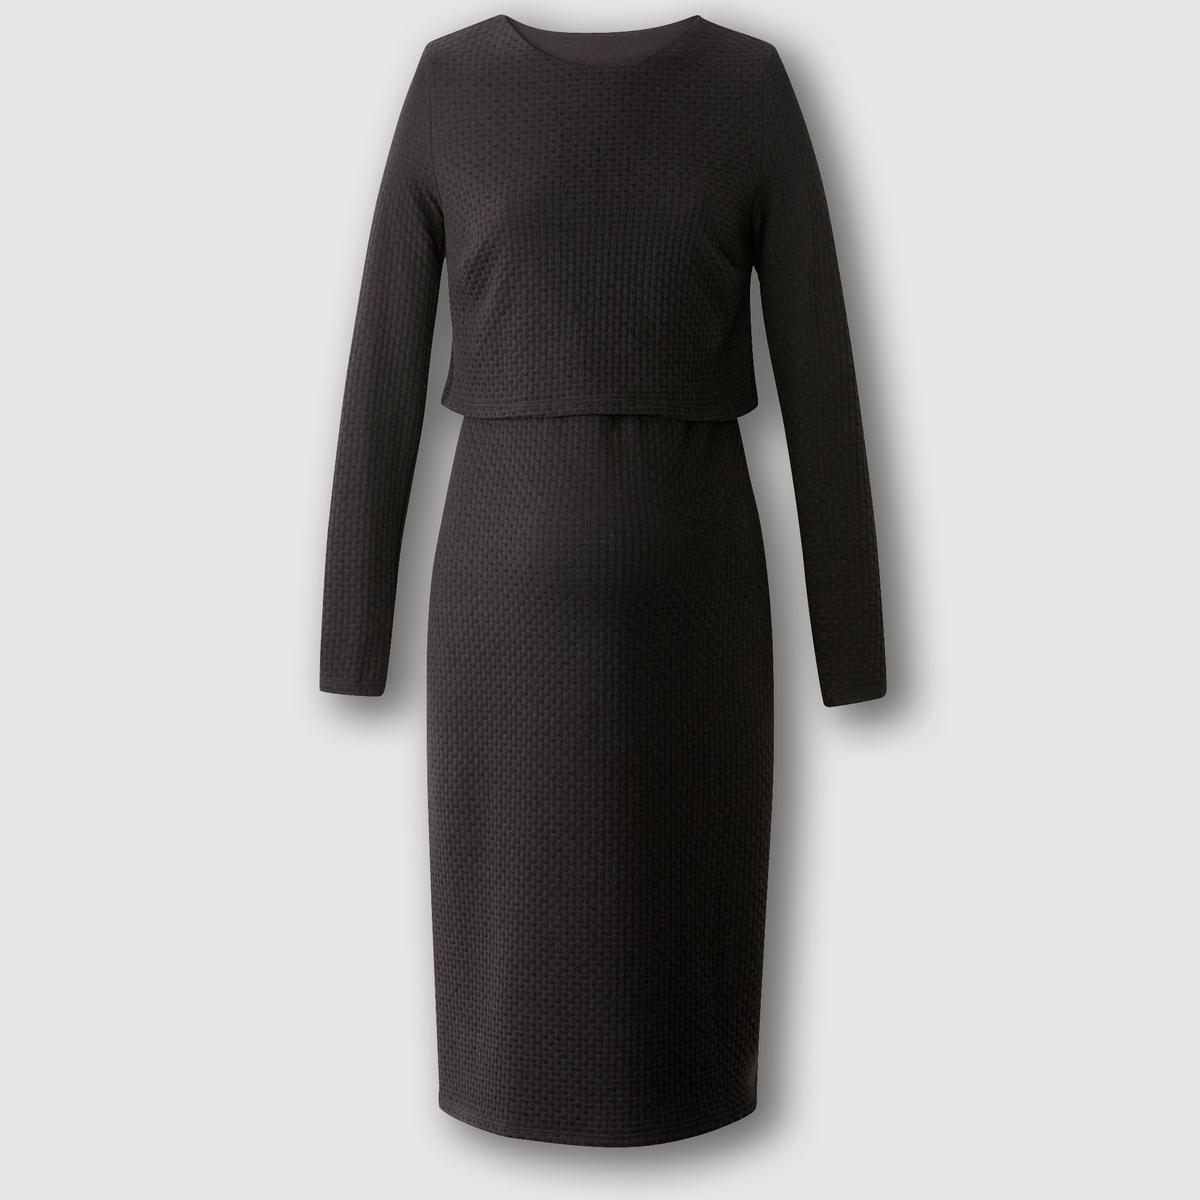 Платье для будущих мамЗаказывайте Ваш обычный размер до беременности.         Состав и описаниеМатериал: 96% вискозы, 4% эластана.Марка: R essentiel.УходМашинная стирка при 30°C с вещами подобных цветов.Гладить при умеренной температуре.Не сушить в барабане.<br><br>Цвет: черный<br>Размер: 44 (FR) - 50 (RUS)